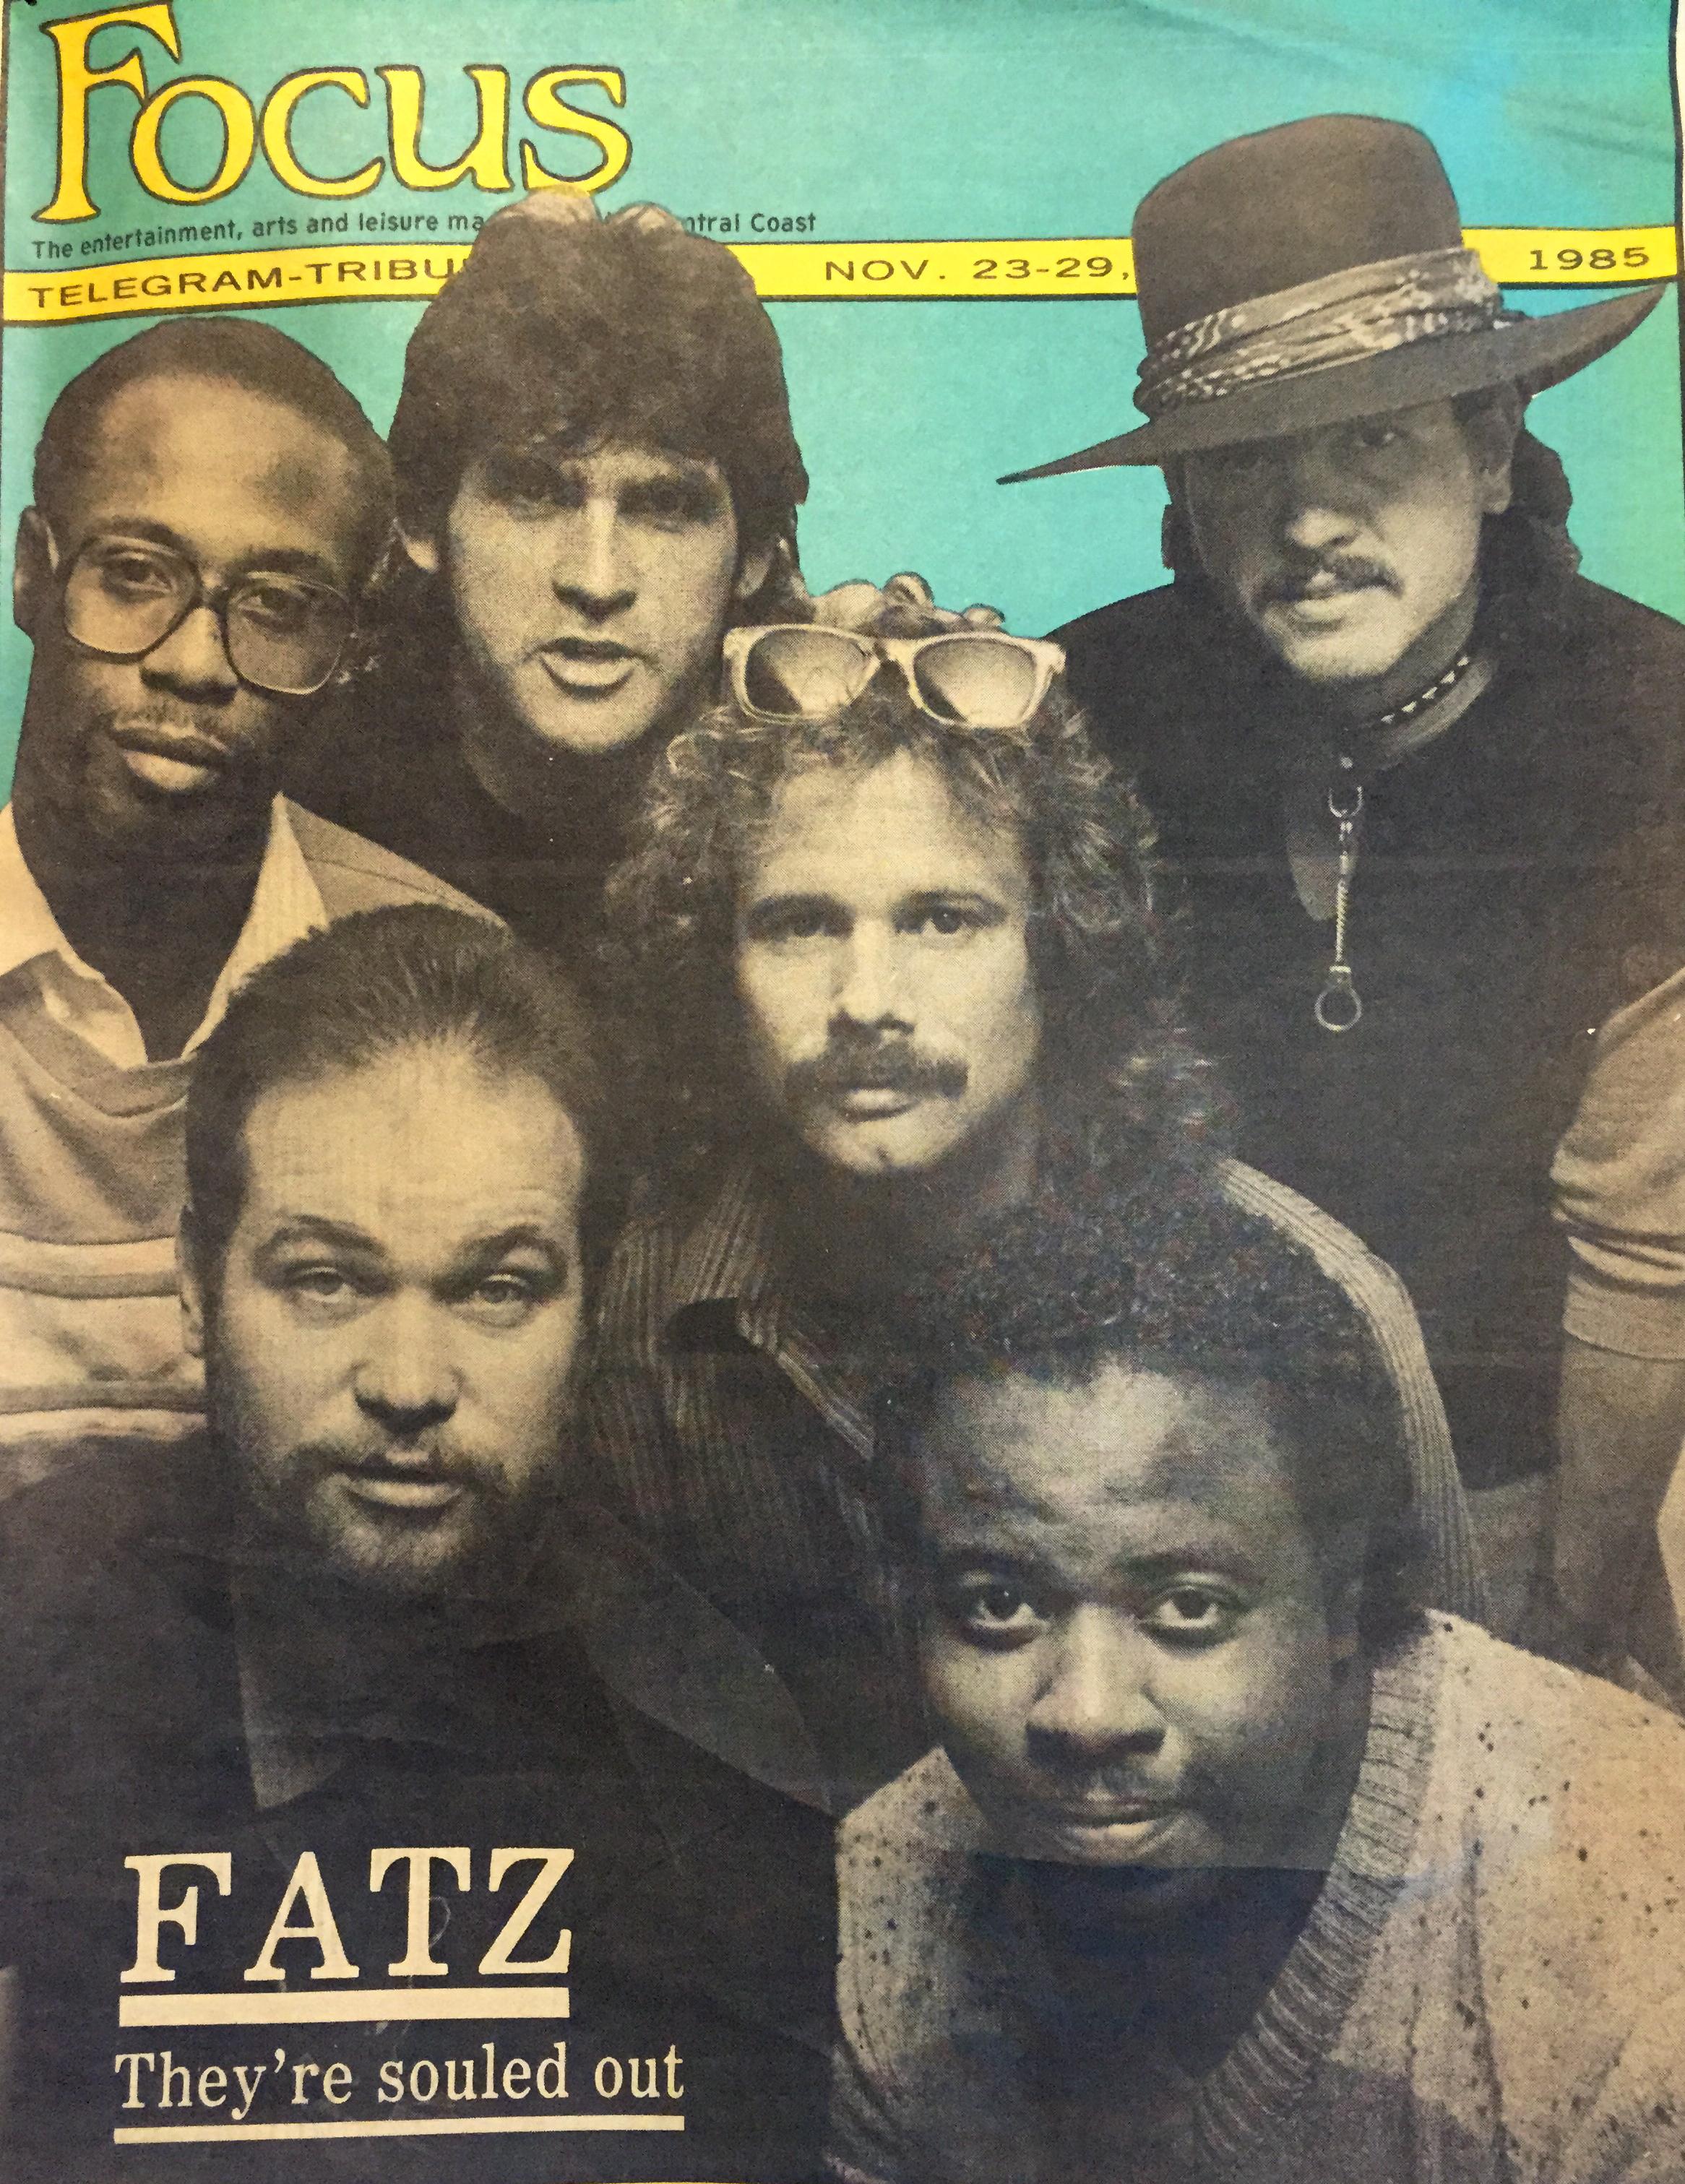 FATZ - Focus Magazine cover 1985